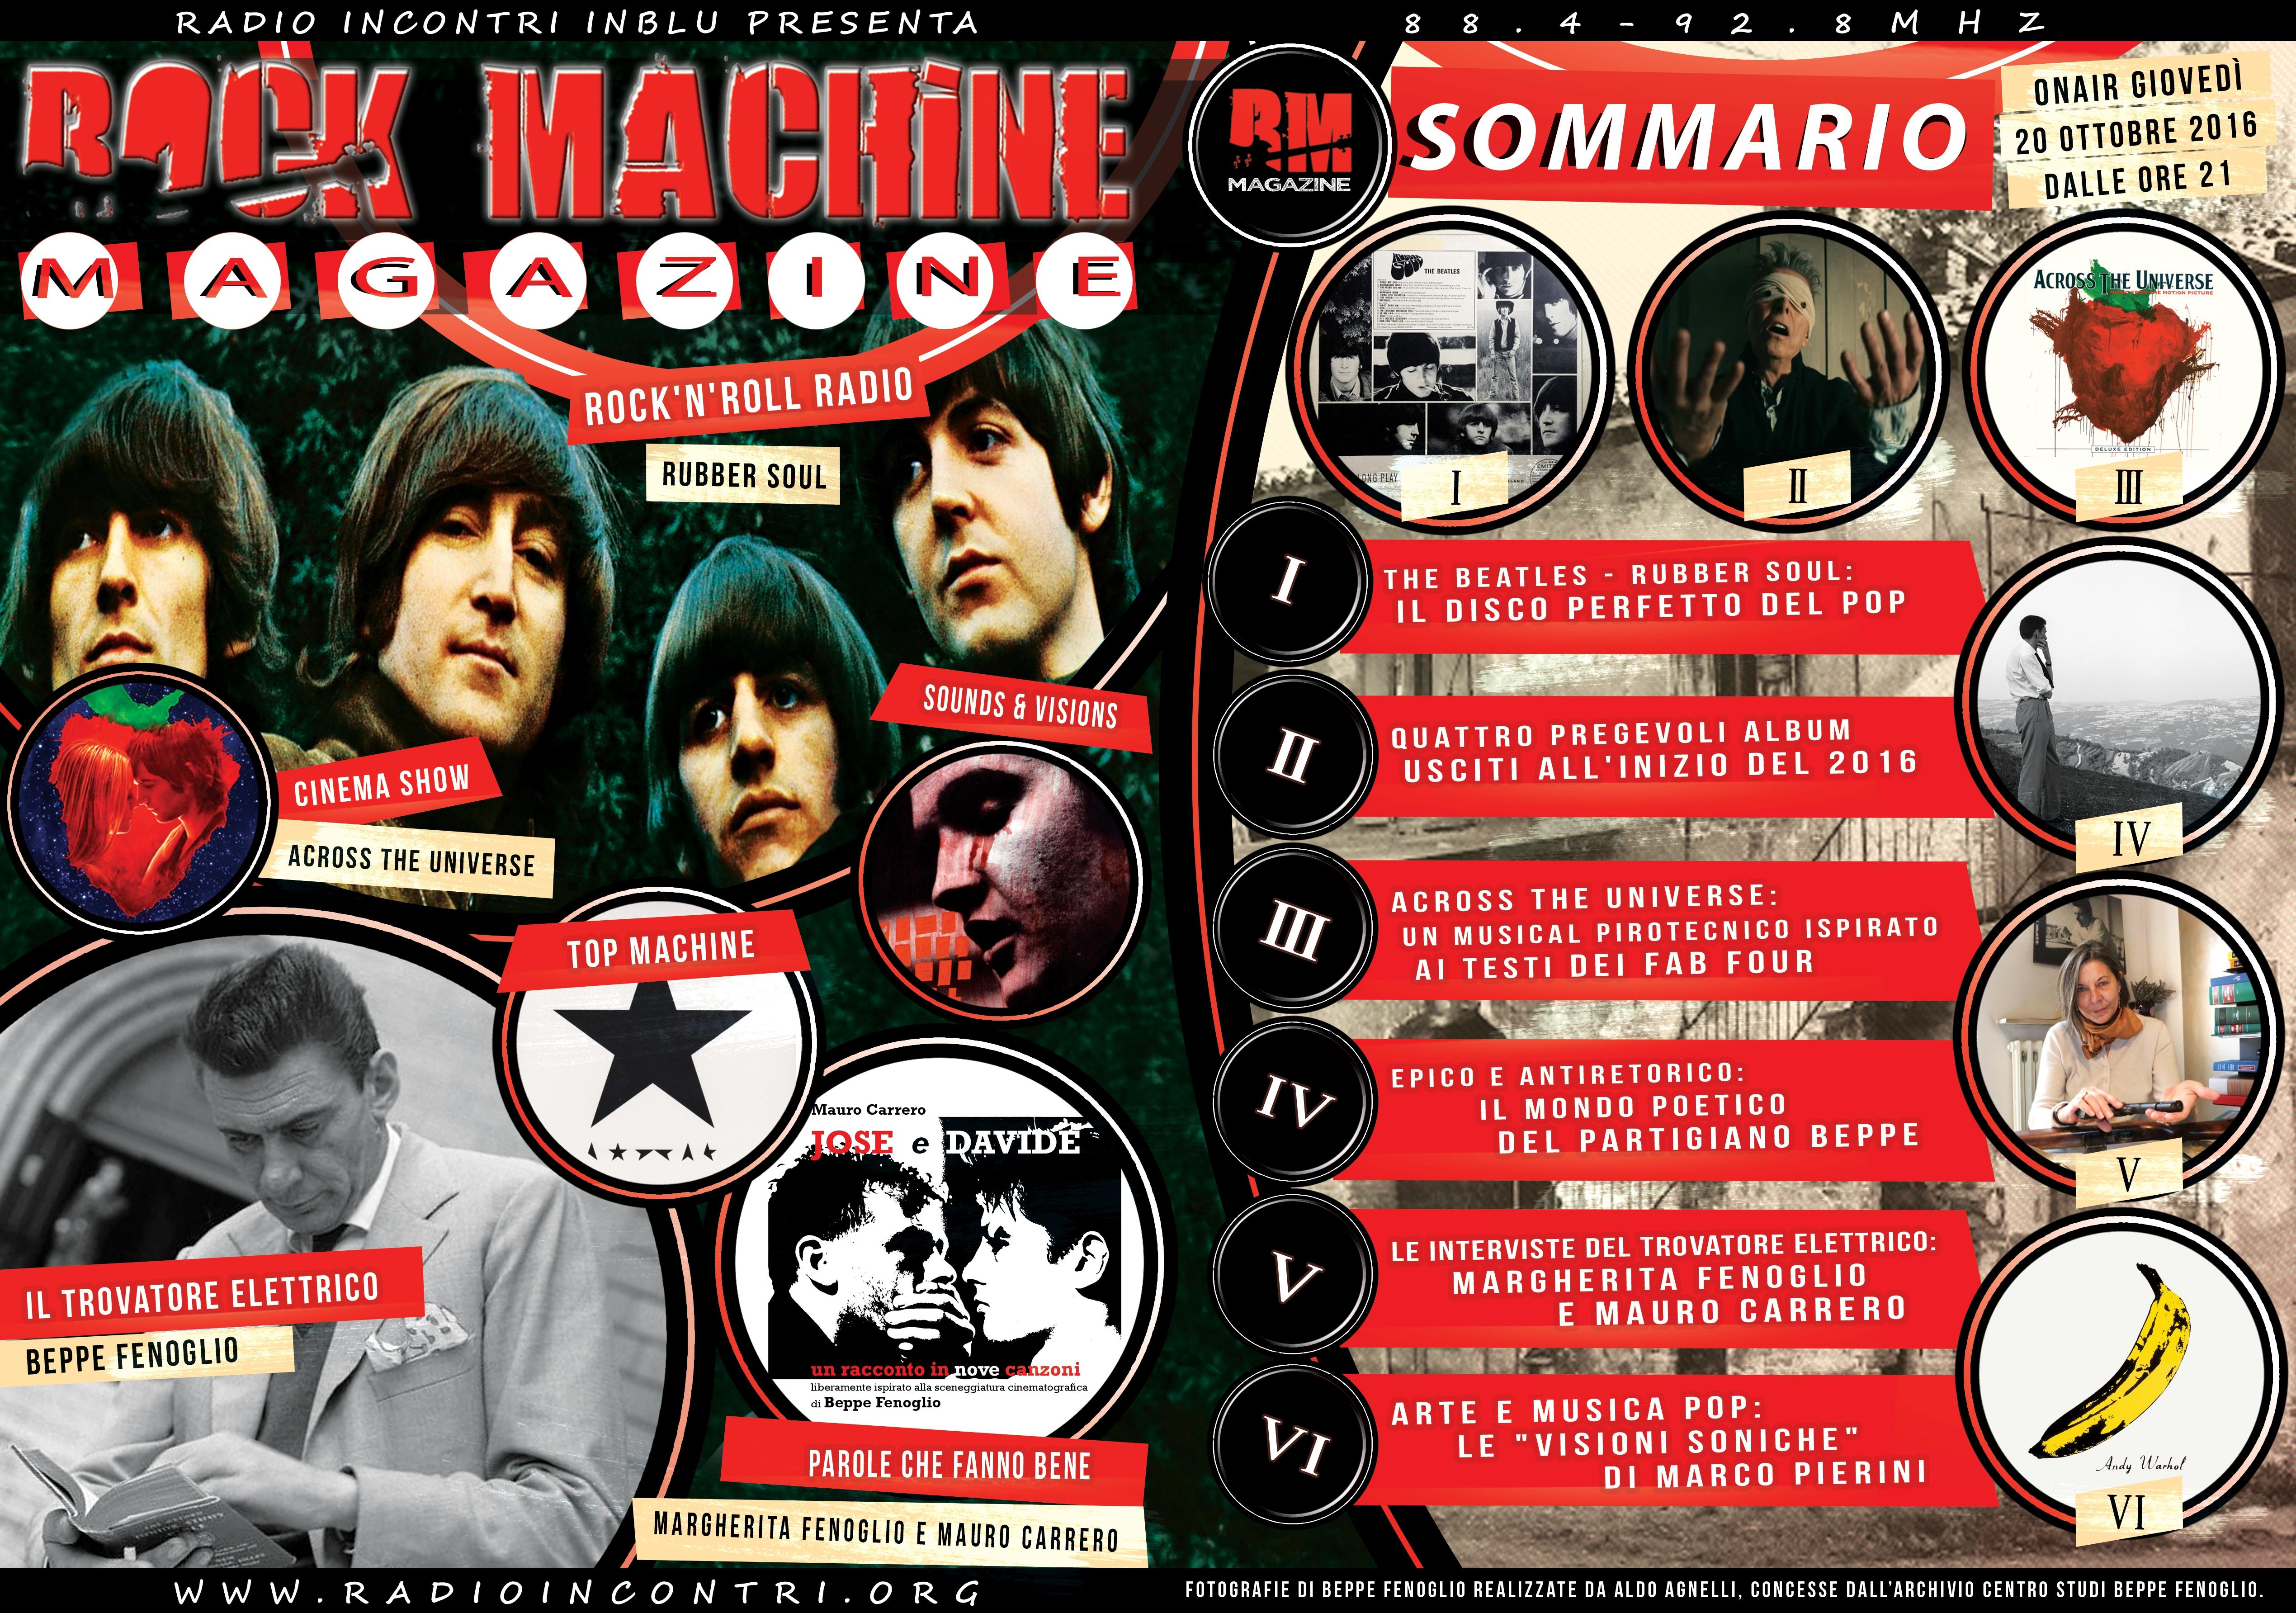 Rock Machine Magazine, prima puntata: da Rubber Soul a Andy Warhol passando per Beppe Fenoglio